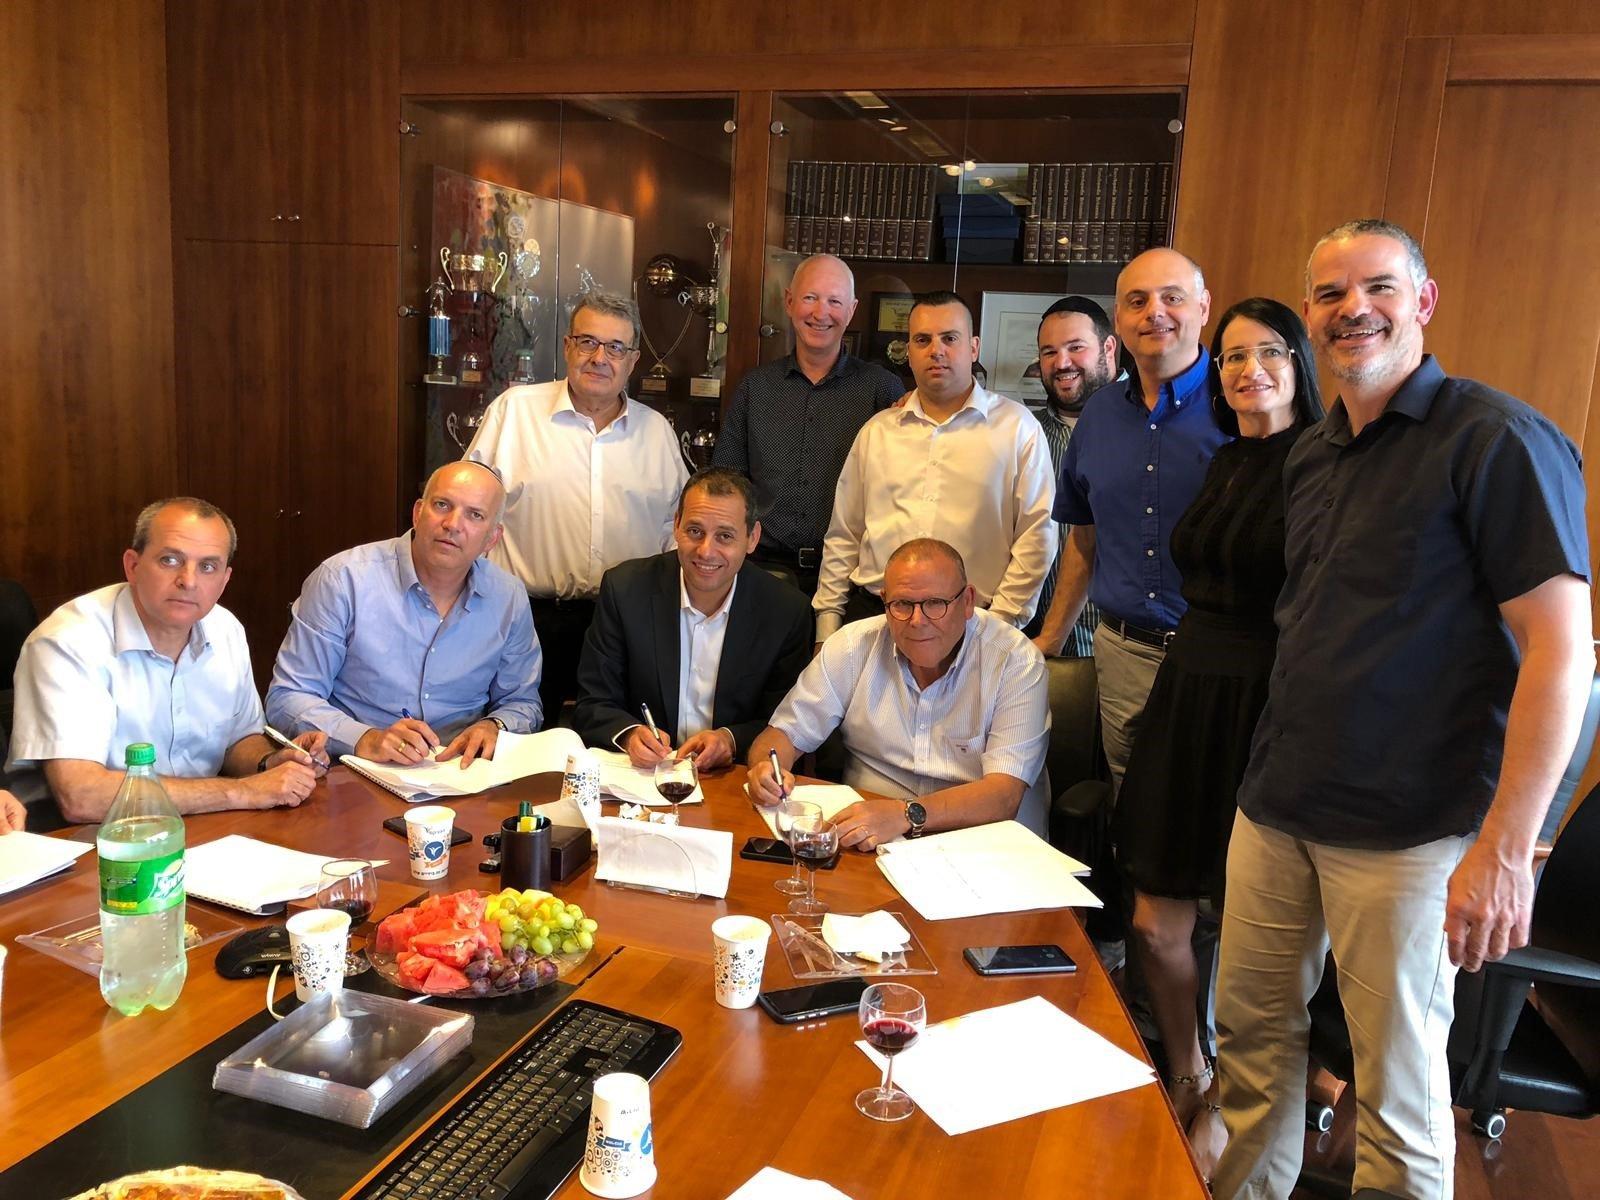 الهستدروت وشركة هافينيكس للتأمينات ولجنة موظفي الشركة يوقعون على اتفاقية عمل جماعية جديدة